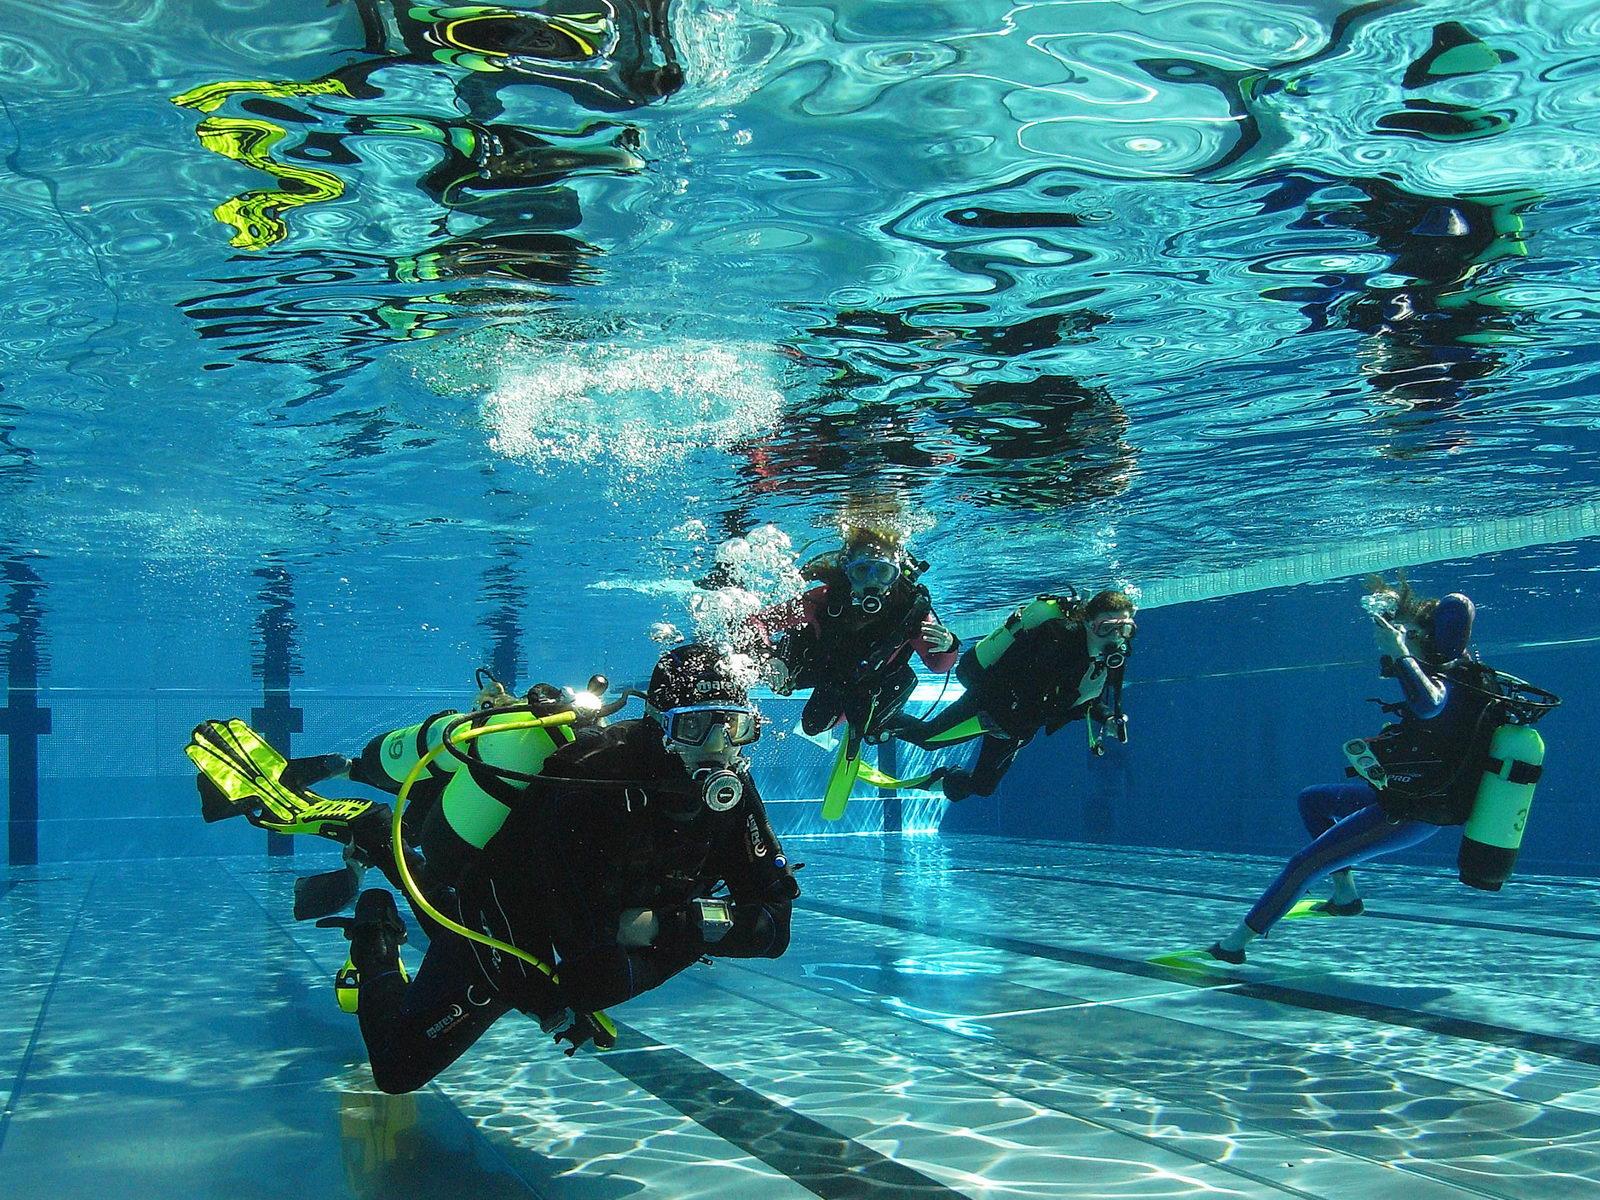 PADI Pro Kurs im Schwimmbad